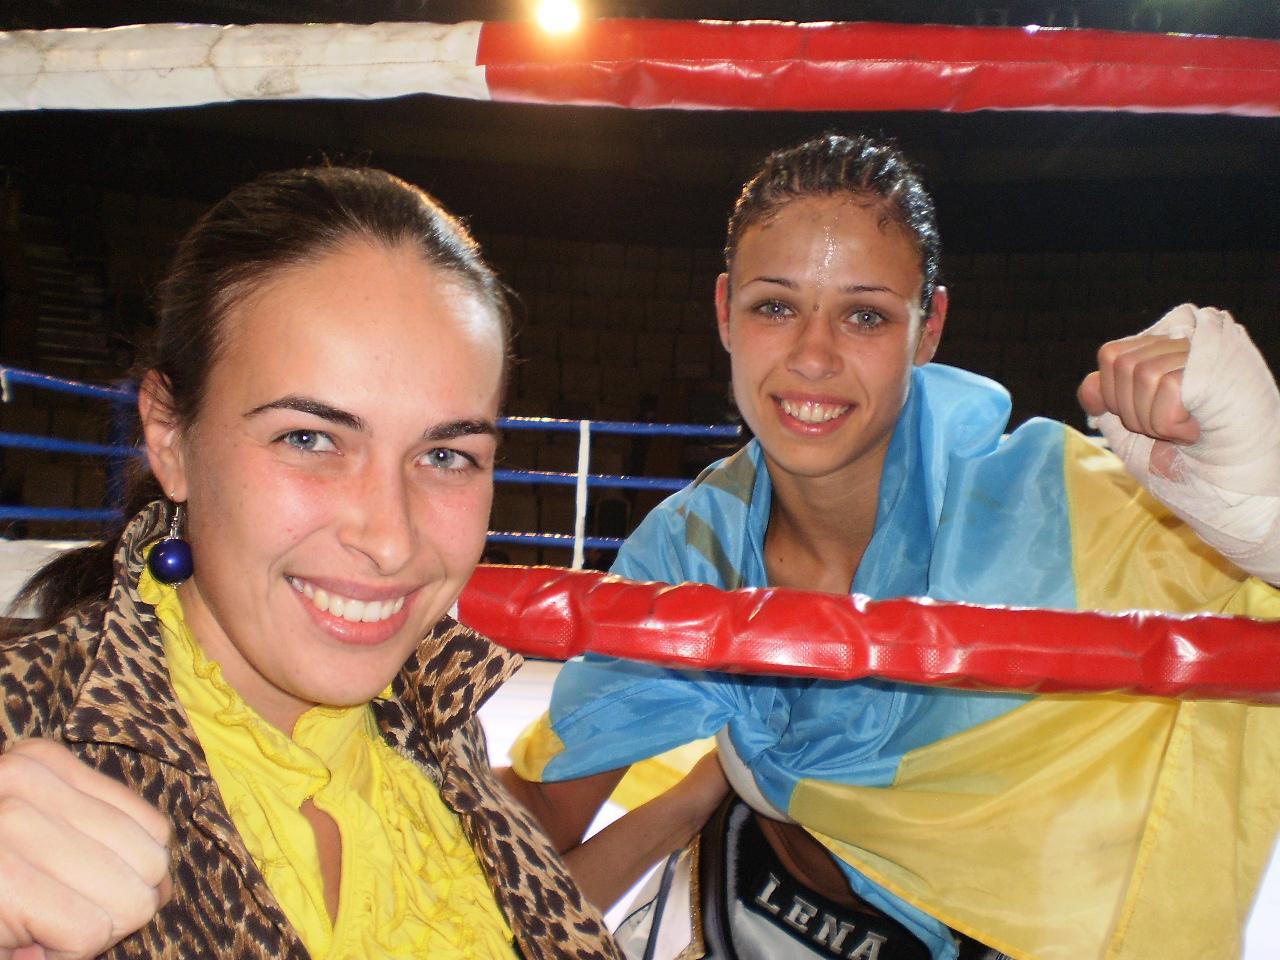 «Отправила соперницу в нокдаун»: Украинка стала чемпионкой мира по тайскому боксу. Фантастически!